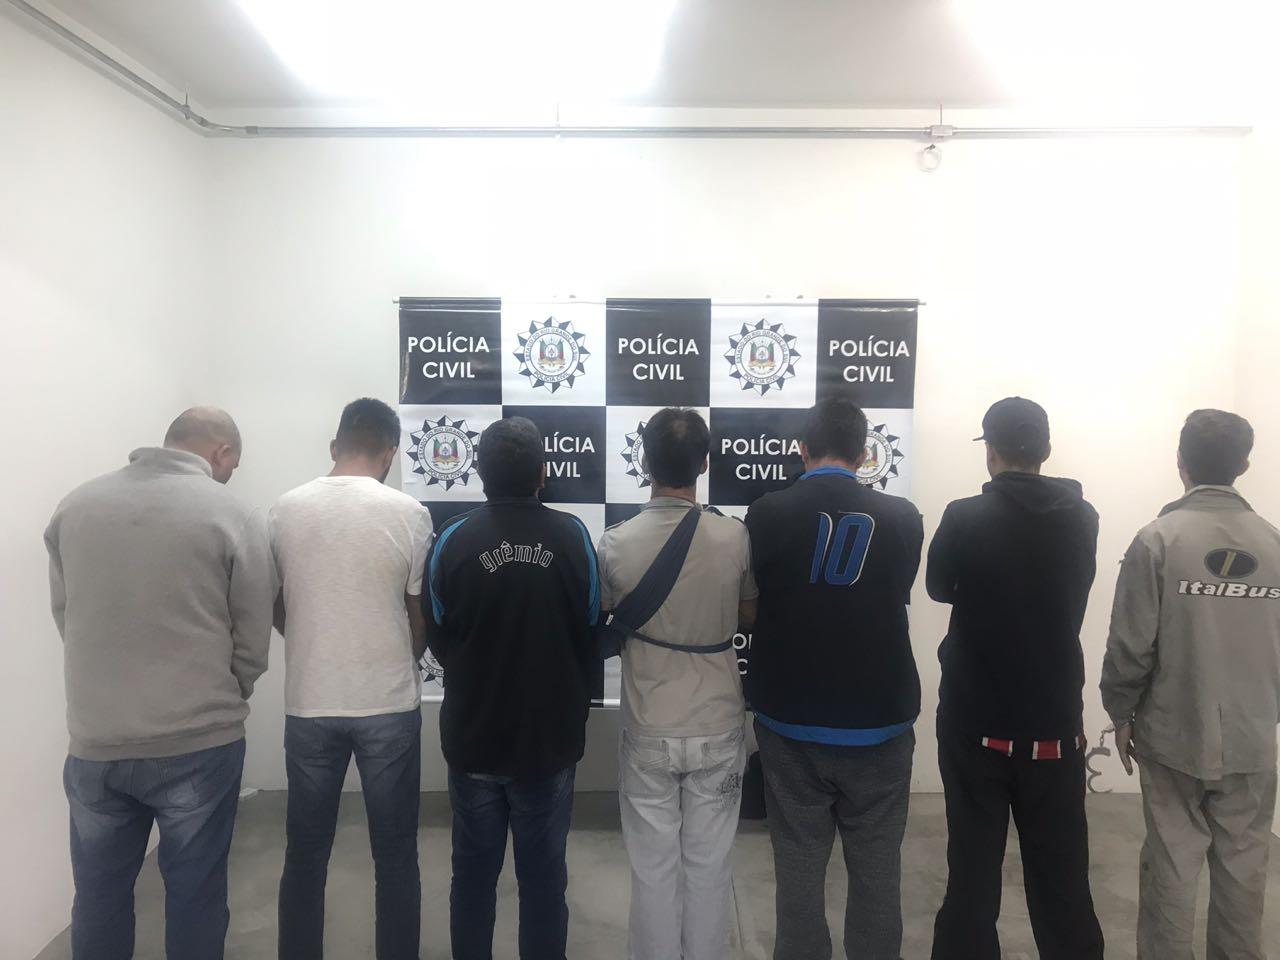 Polícia Civil prende dez membros de organização criminosa em Caxias do Sul